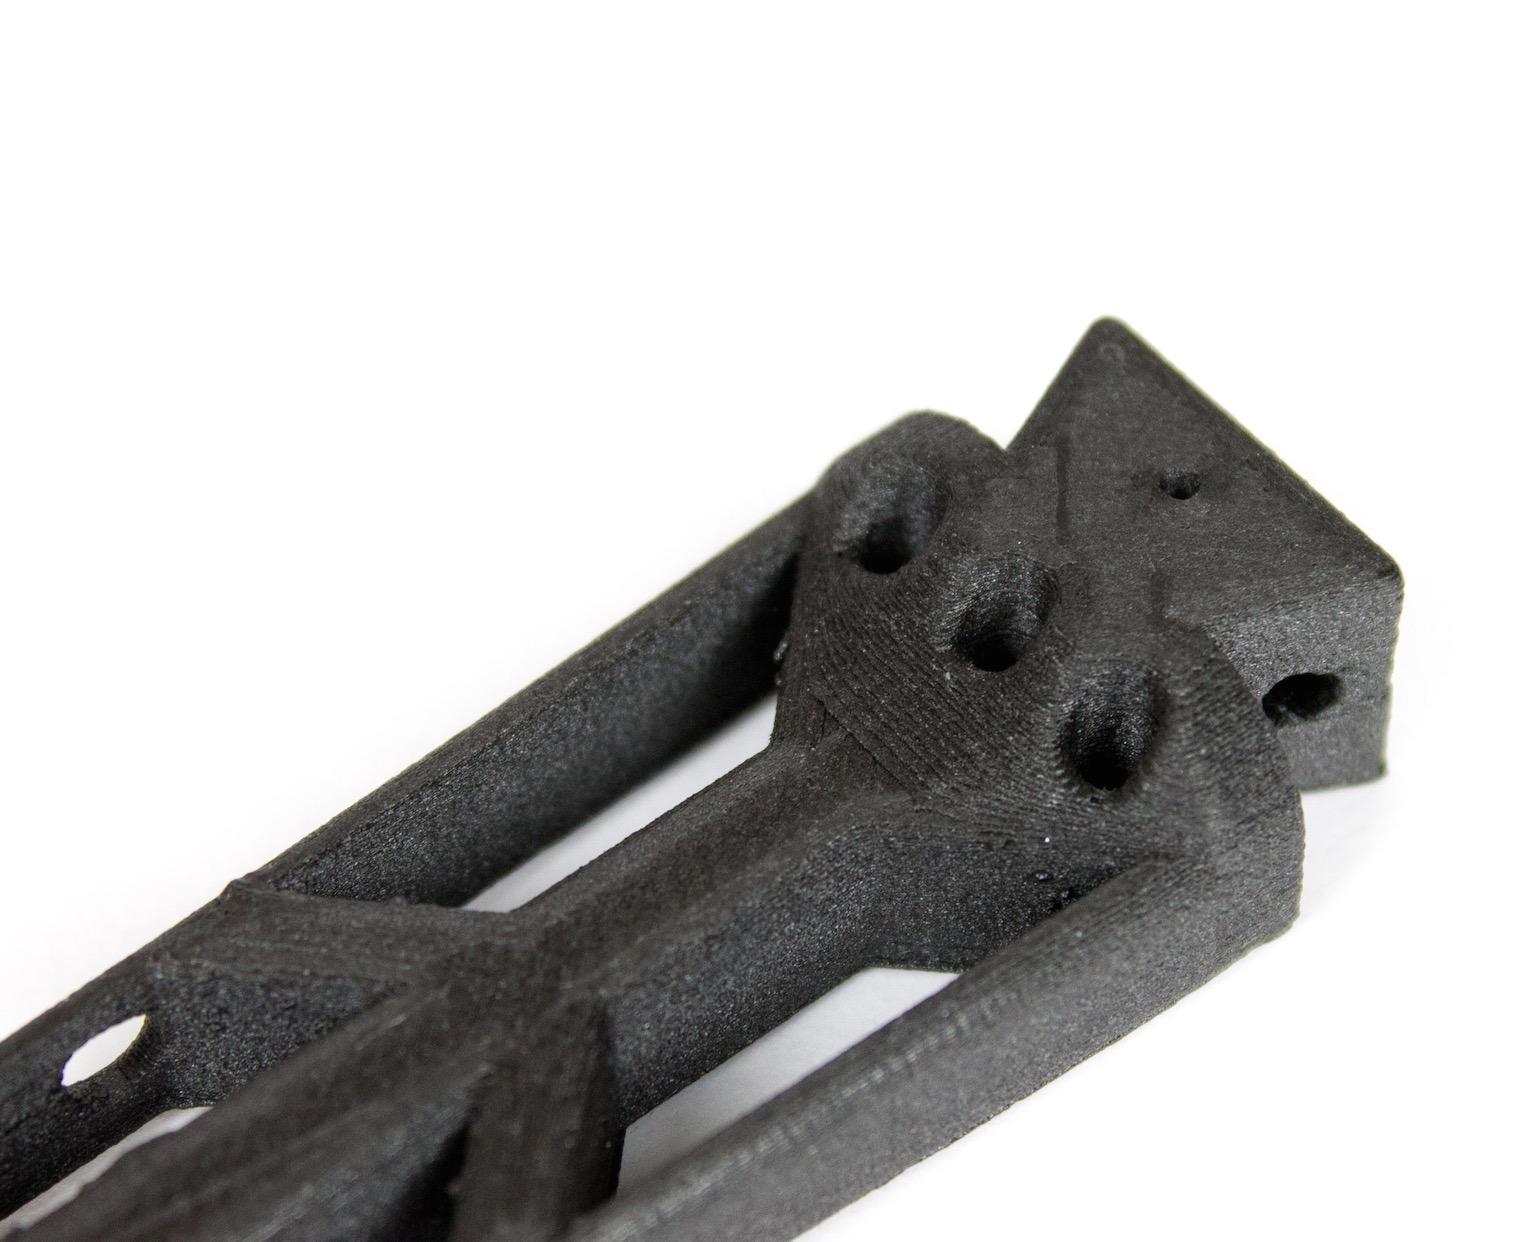 colorFabb Announces Carbon Fiber Filament